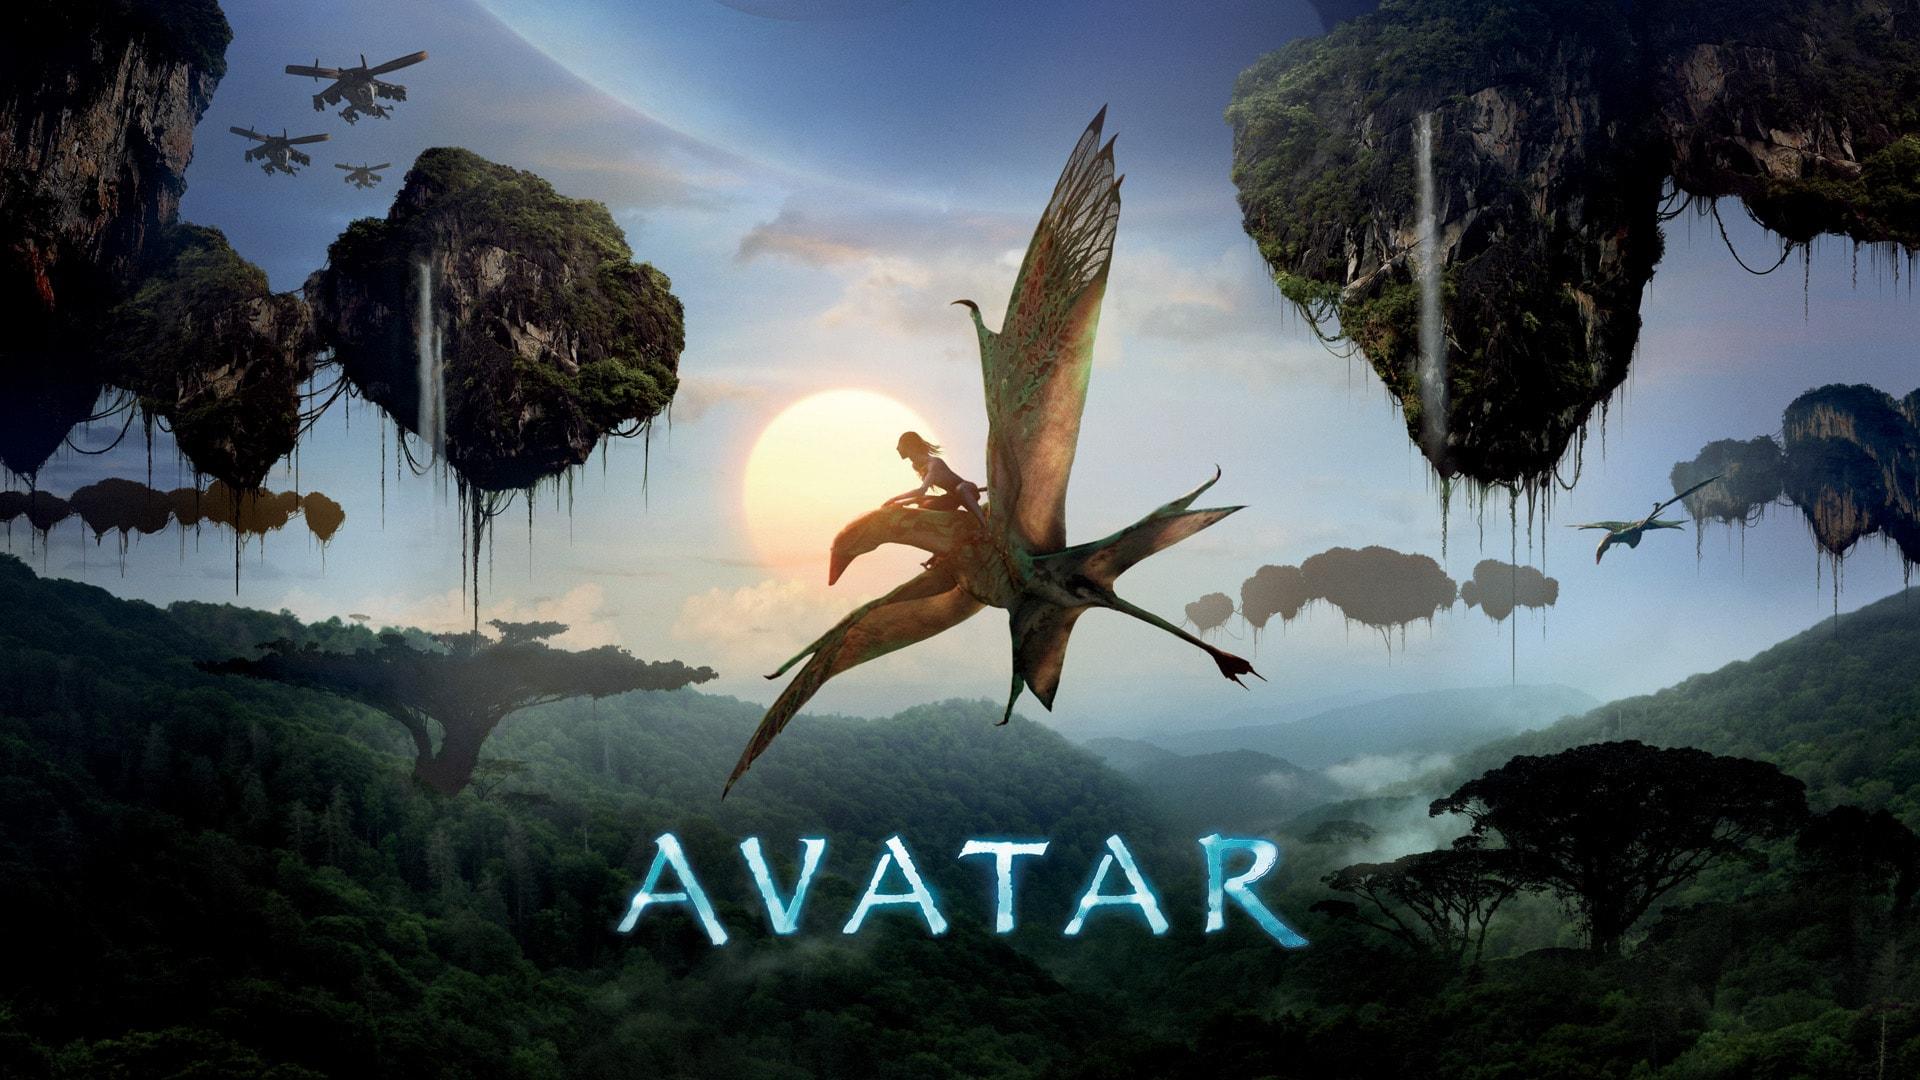 Avatar widescreen wallpapers